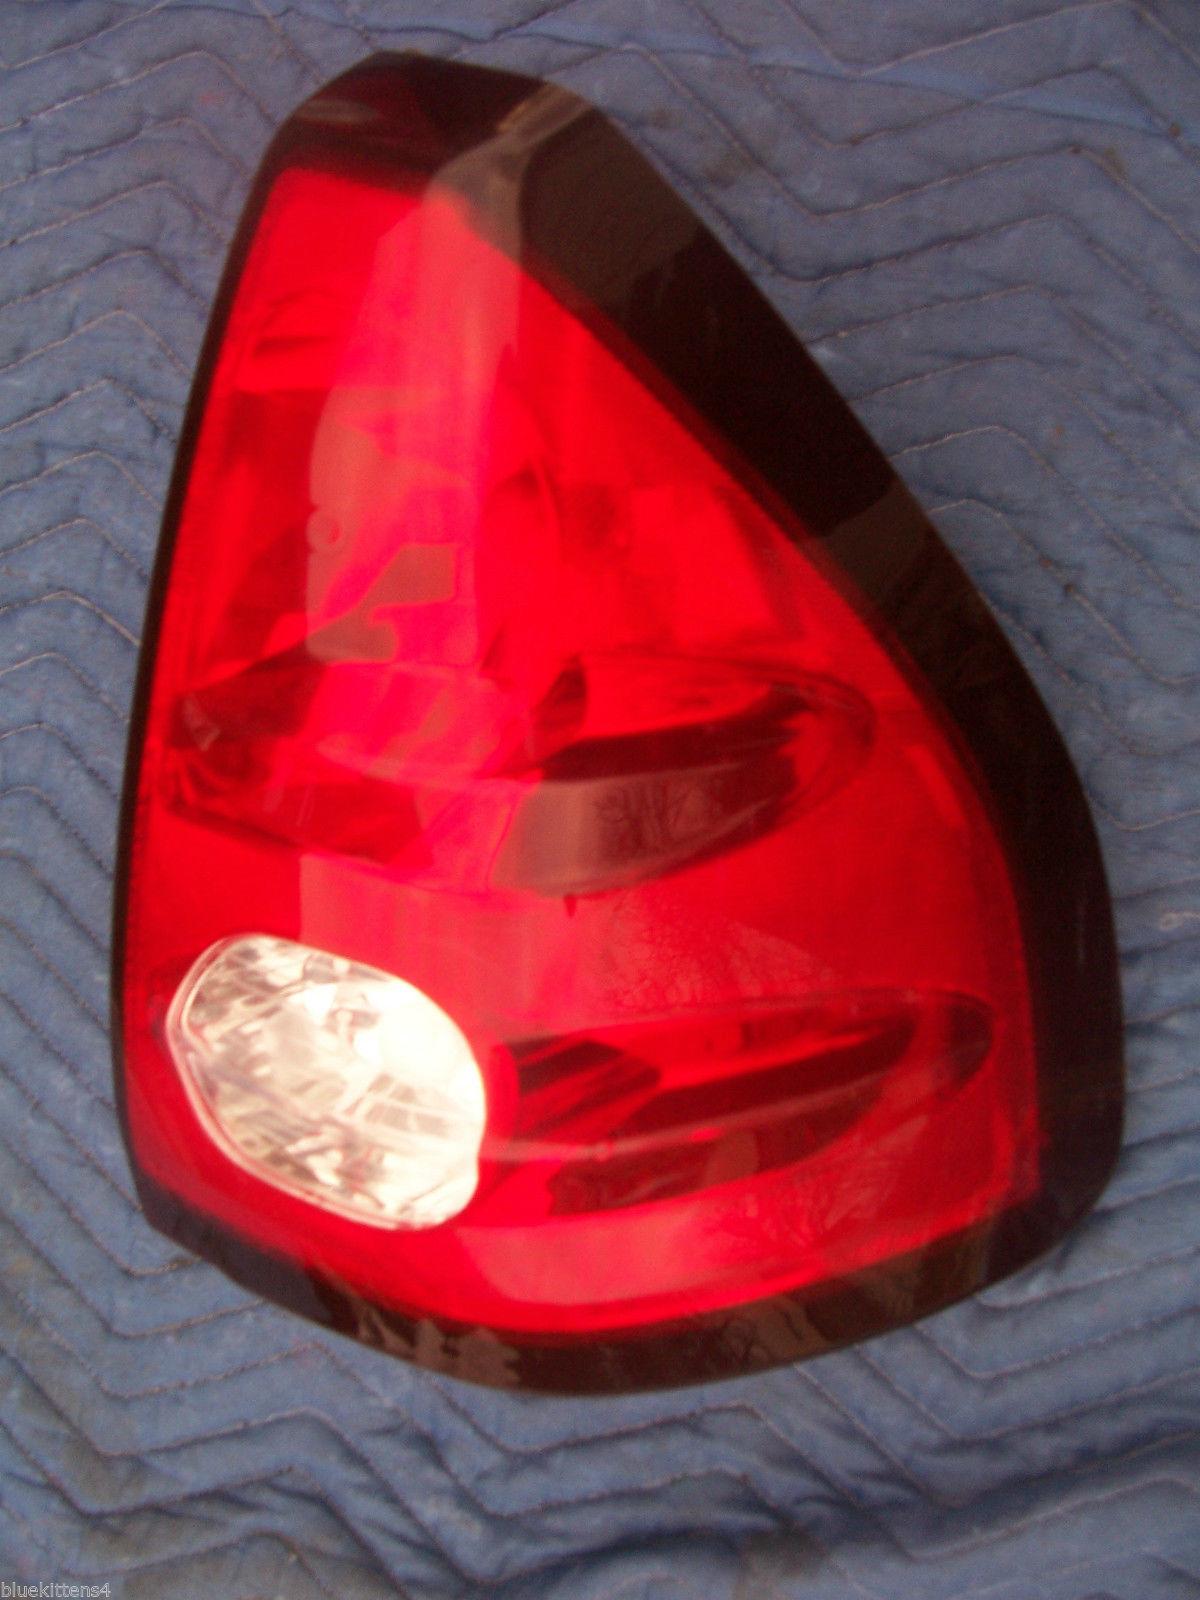 2001 AZTEC RIGHT TAILLIGHT OEM USED ORIGINAL PONTIAC GM PART 2002 2003 2004 2005